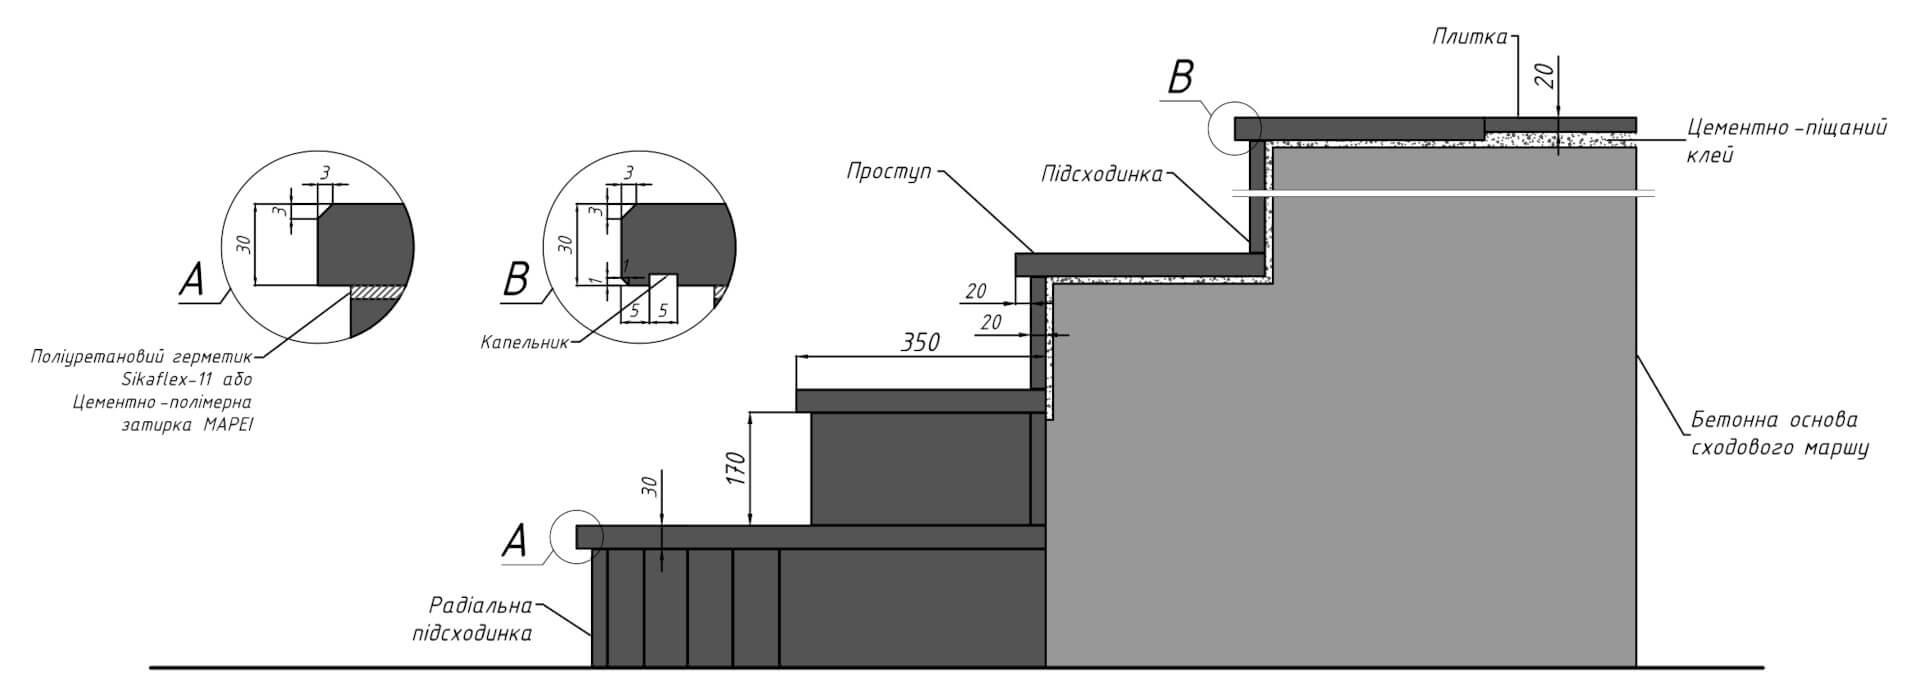 Креслення проекту сходів з Токівського граніту (2020)